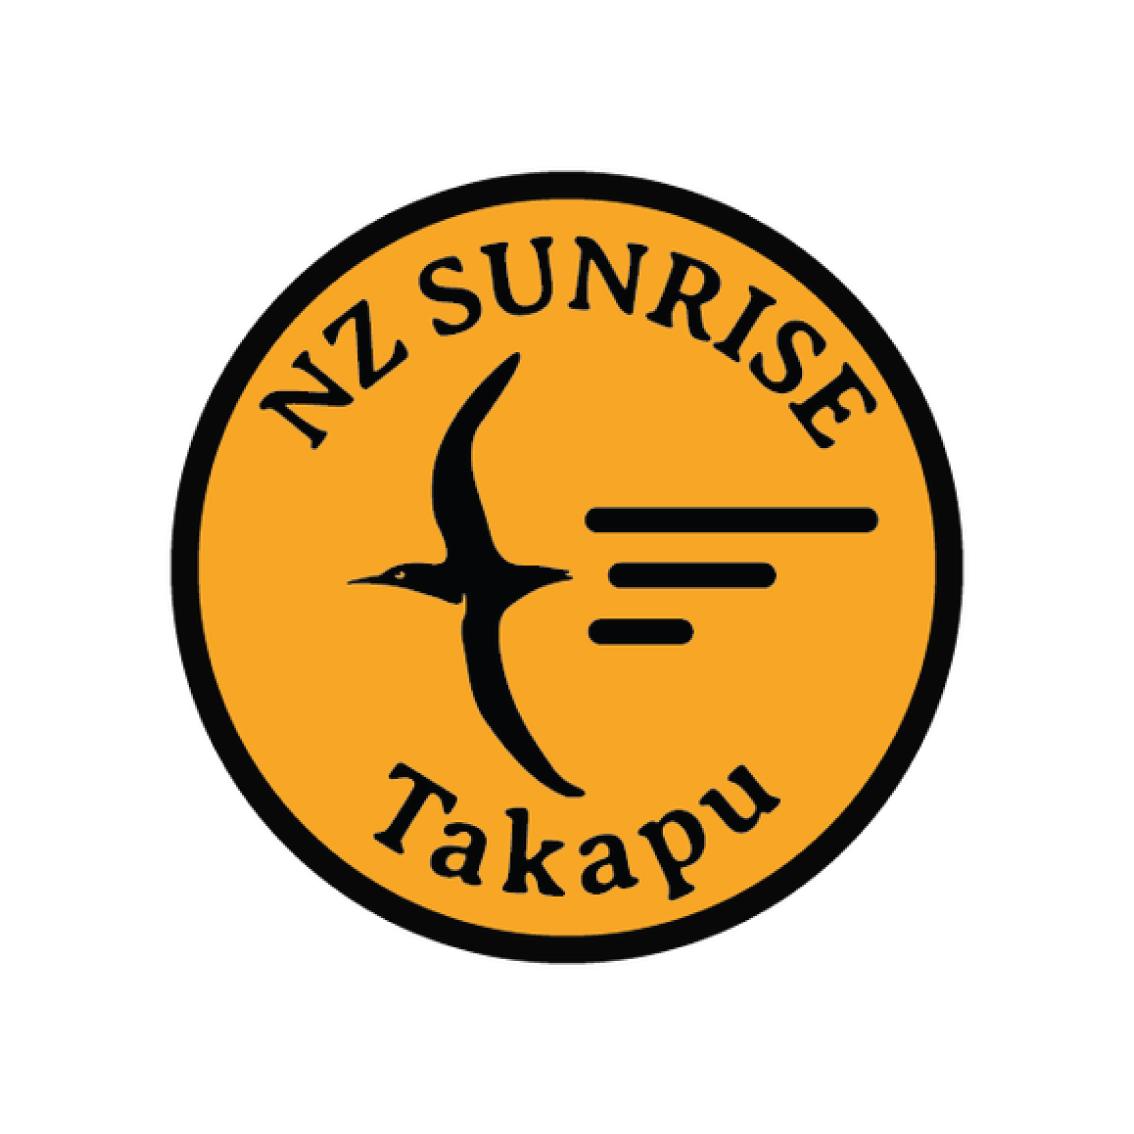 takapu badge@2x.png